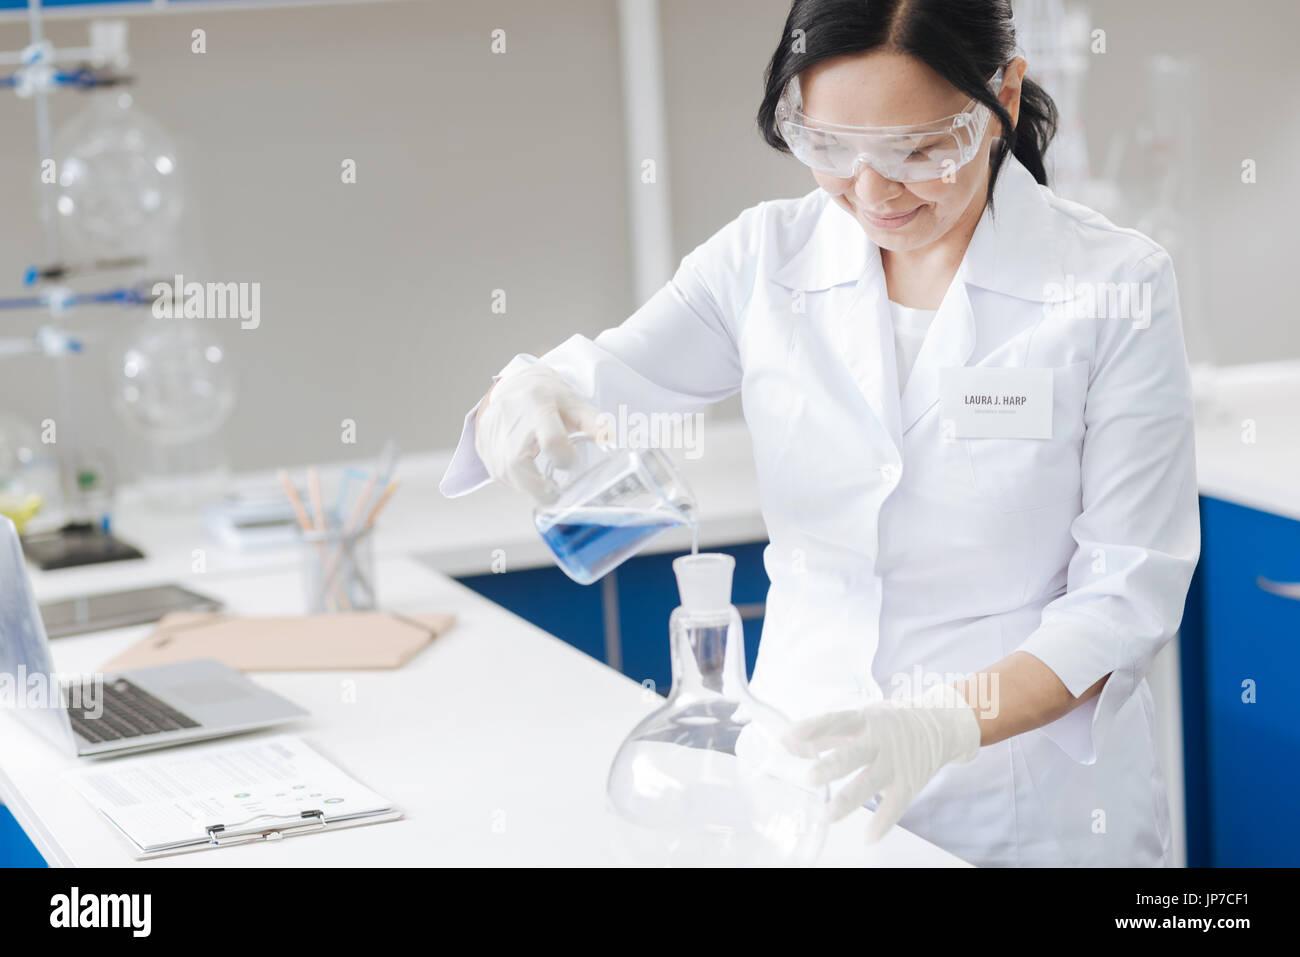 Fröhliche professionelle Wissenschaftler arbeiten mit Reagenzien Stockbild